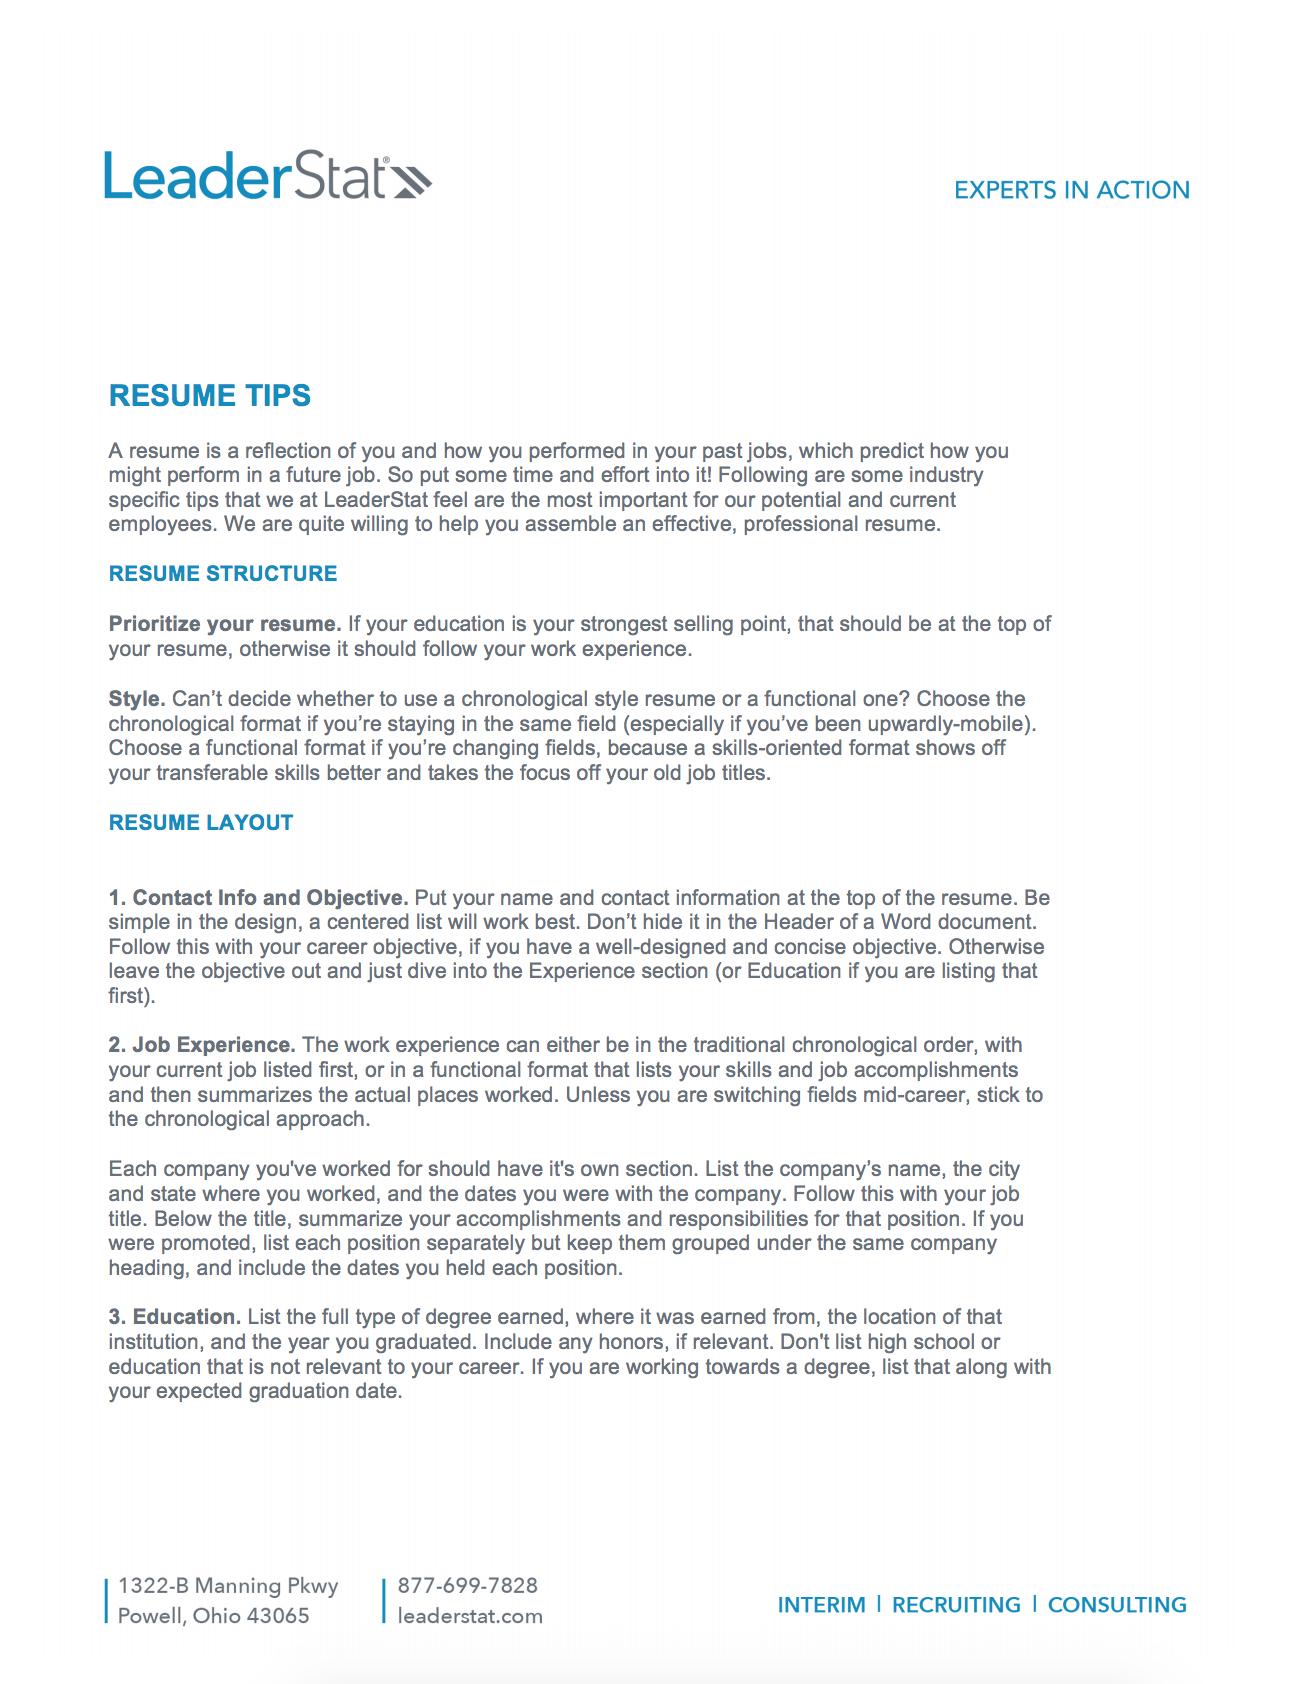 LeaderStat Resume Tips